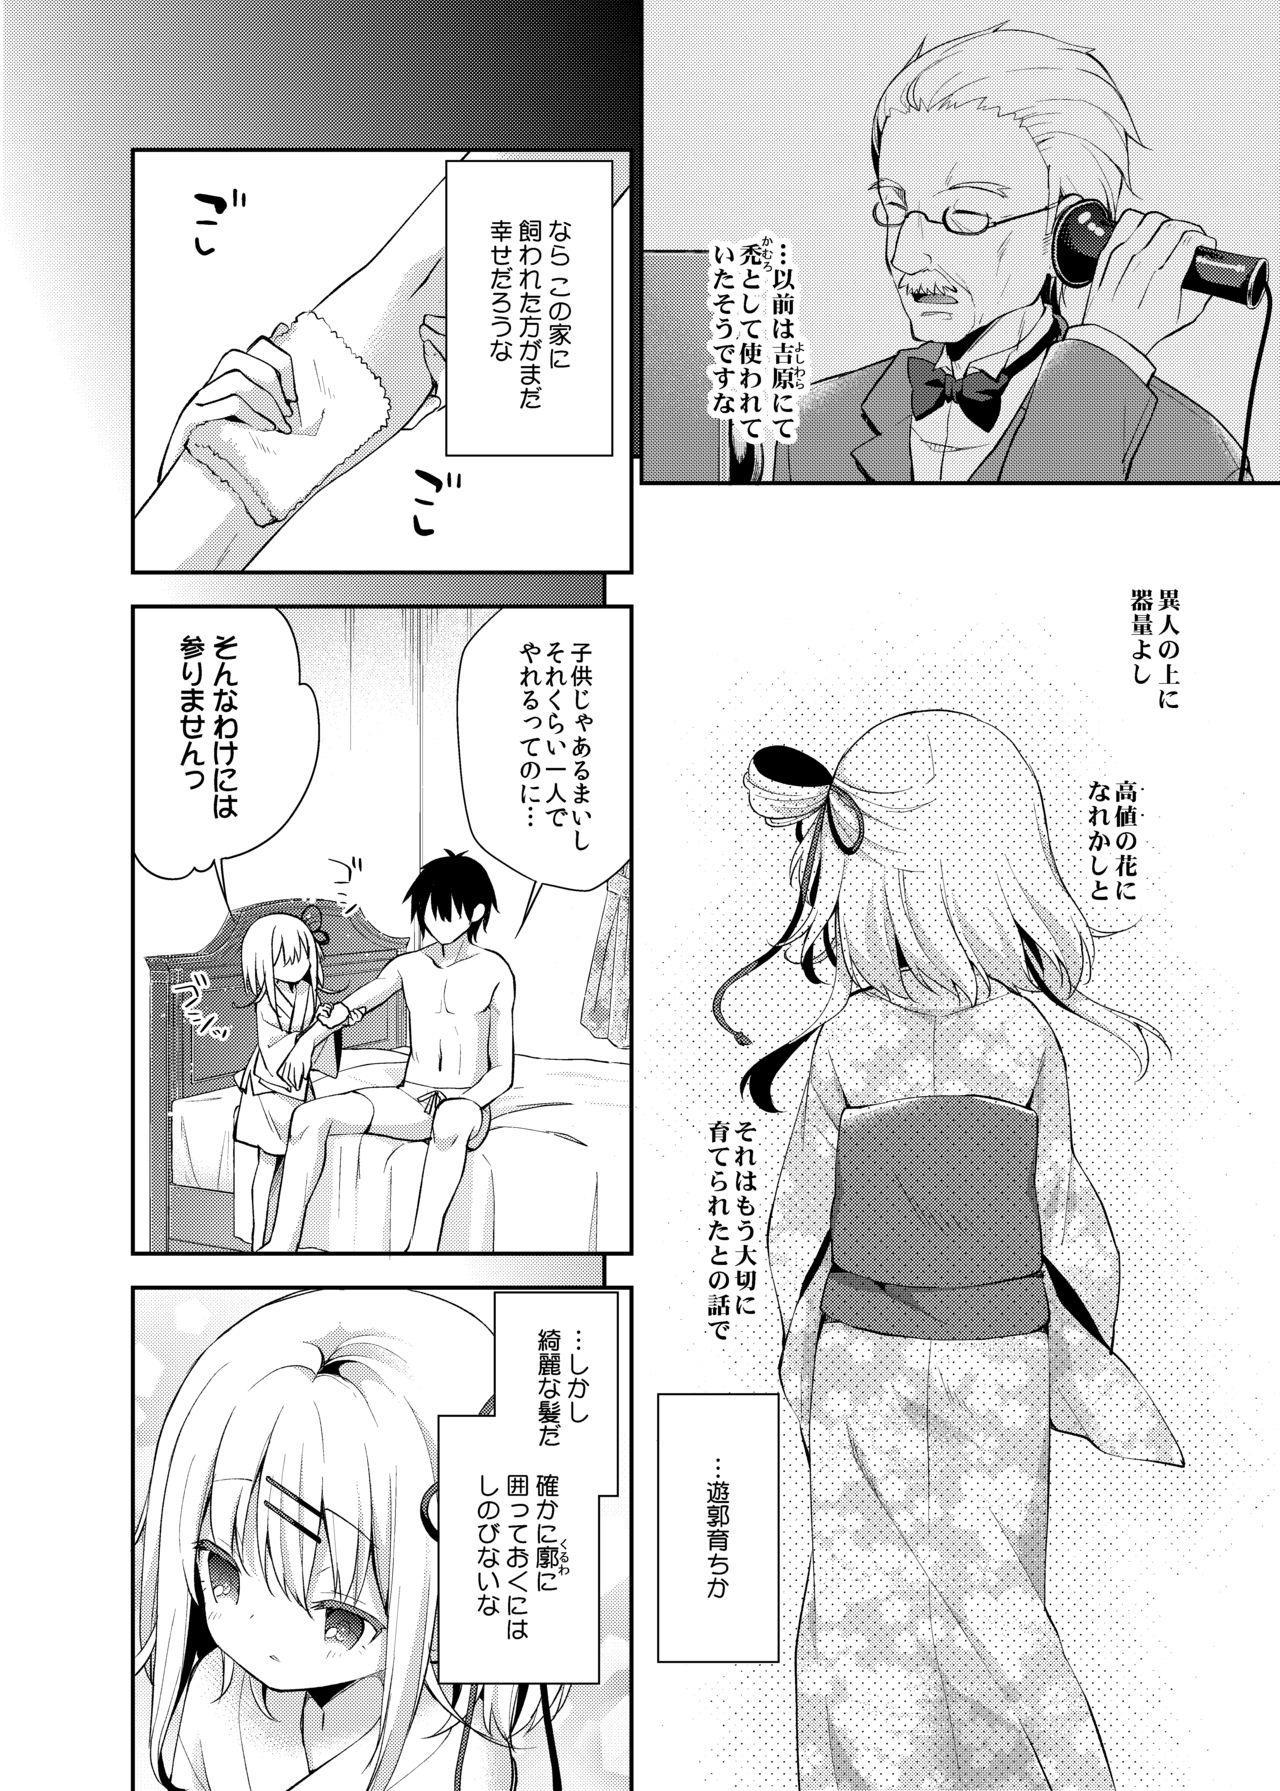 Onnanoko no Mayu Soushuuhen 01 15